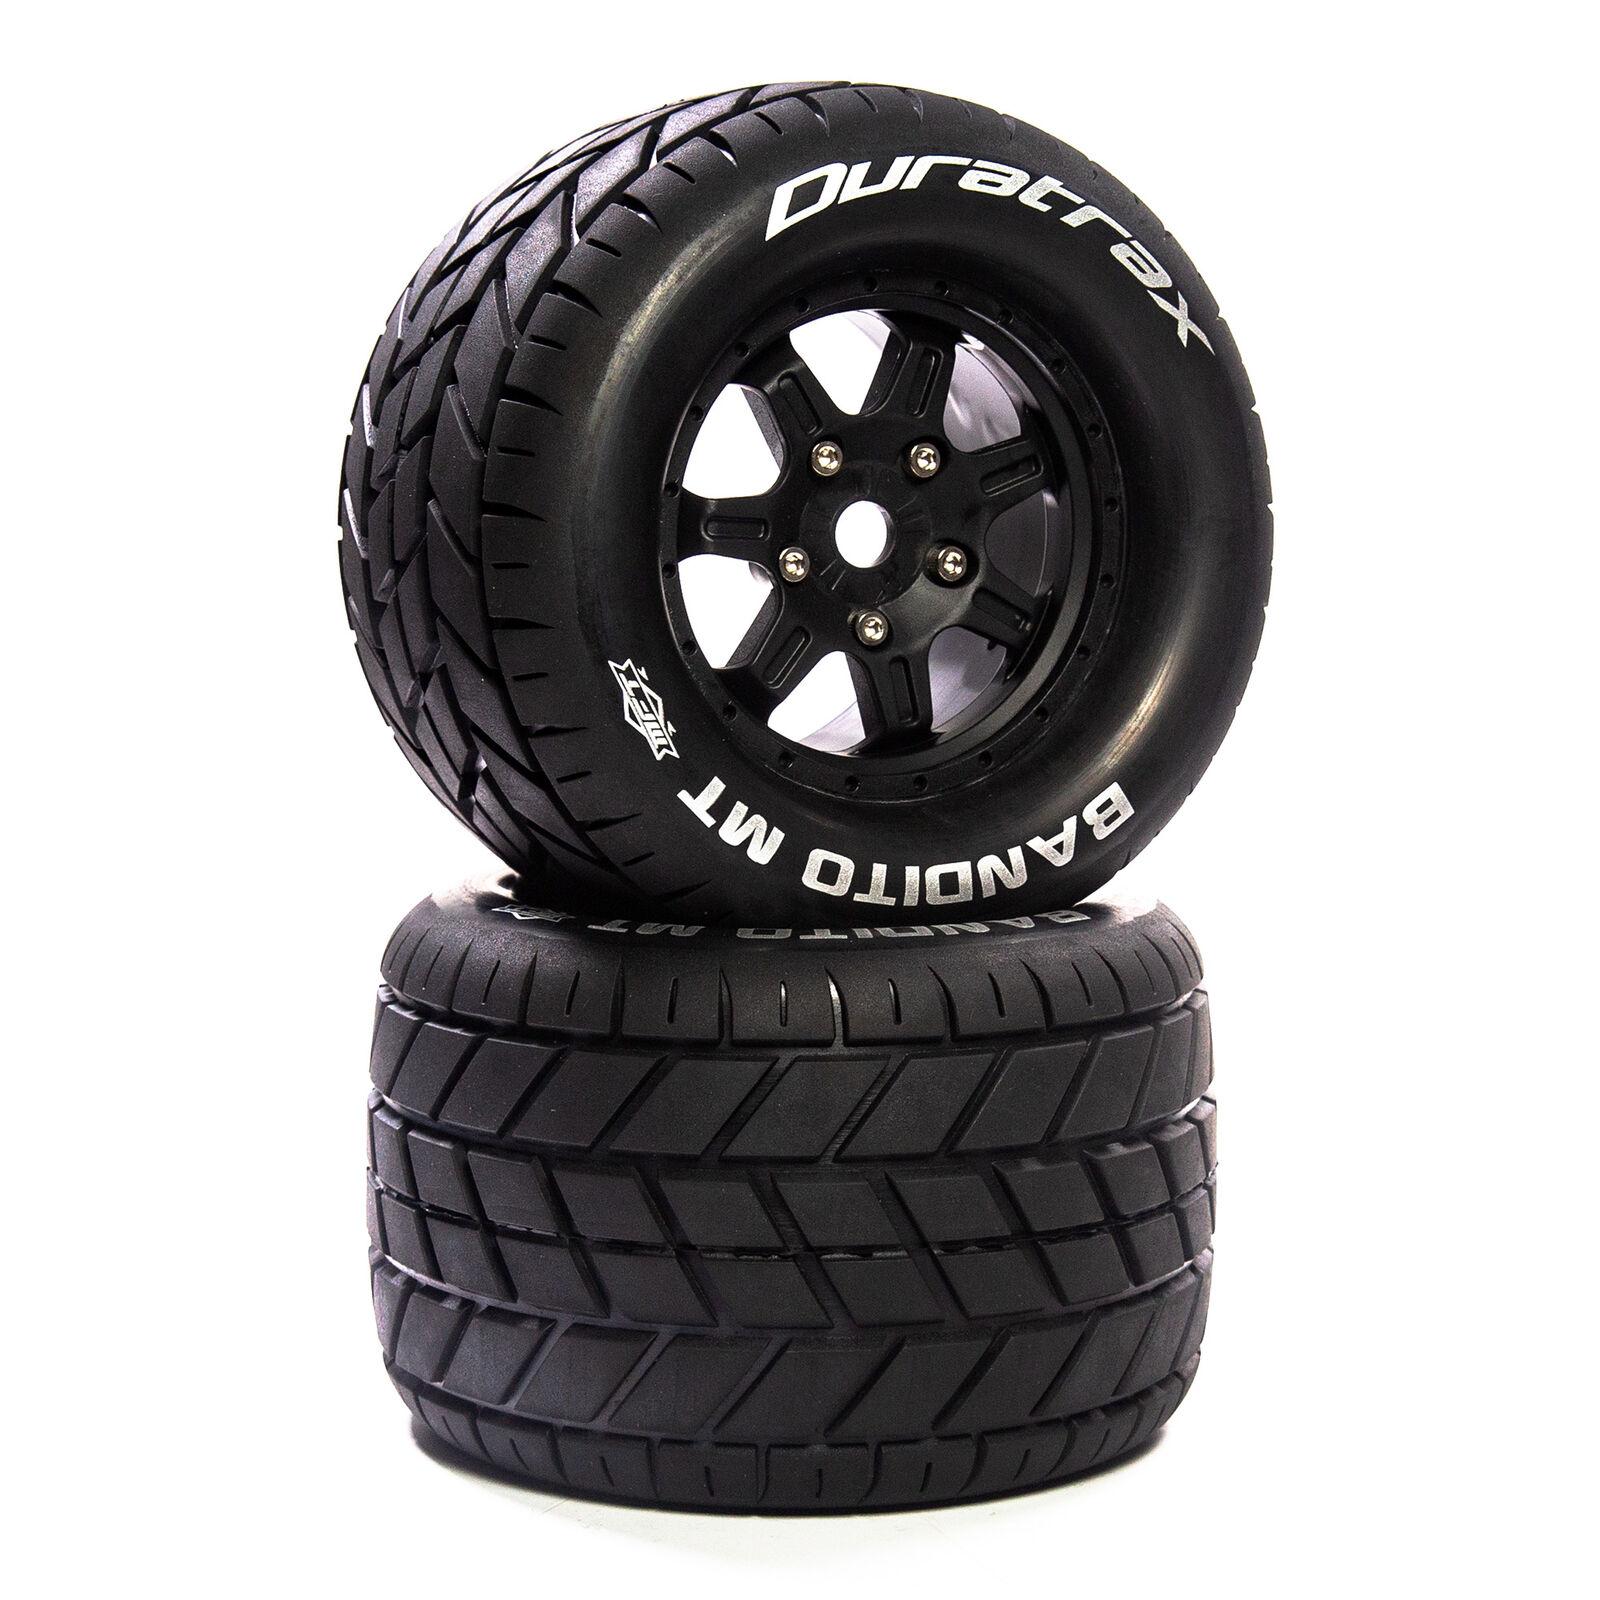 """Bandito MT Belt 3.8"""" Mounted Front/Rear Tires 0 Offset 17mm, Black (2)"""